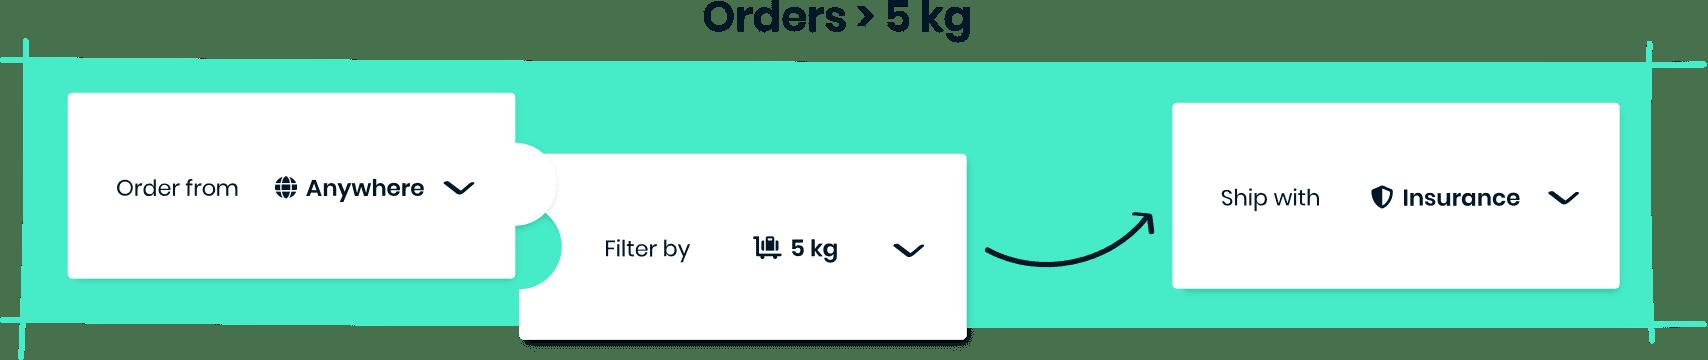 Orders > 5kg